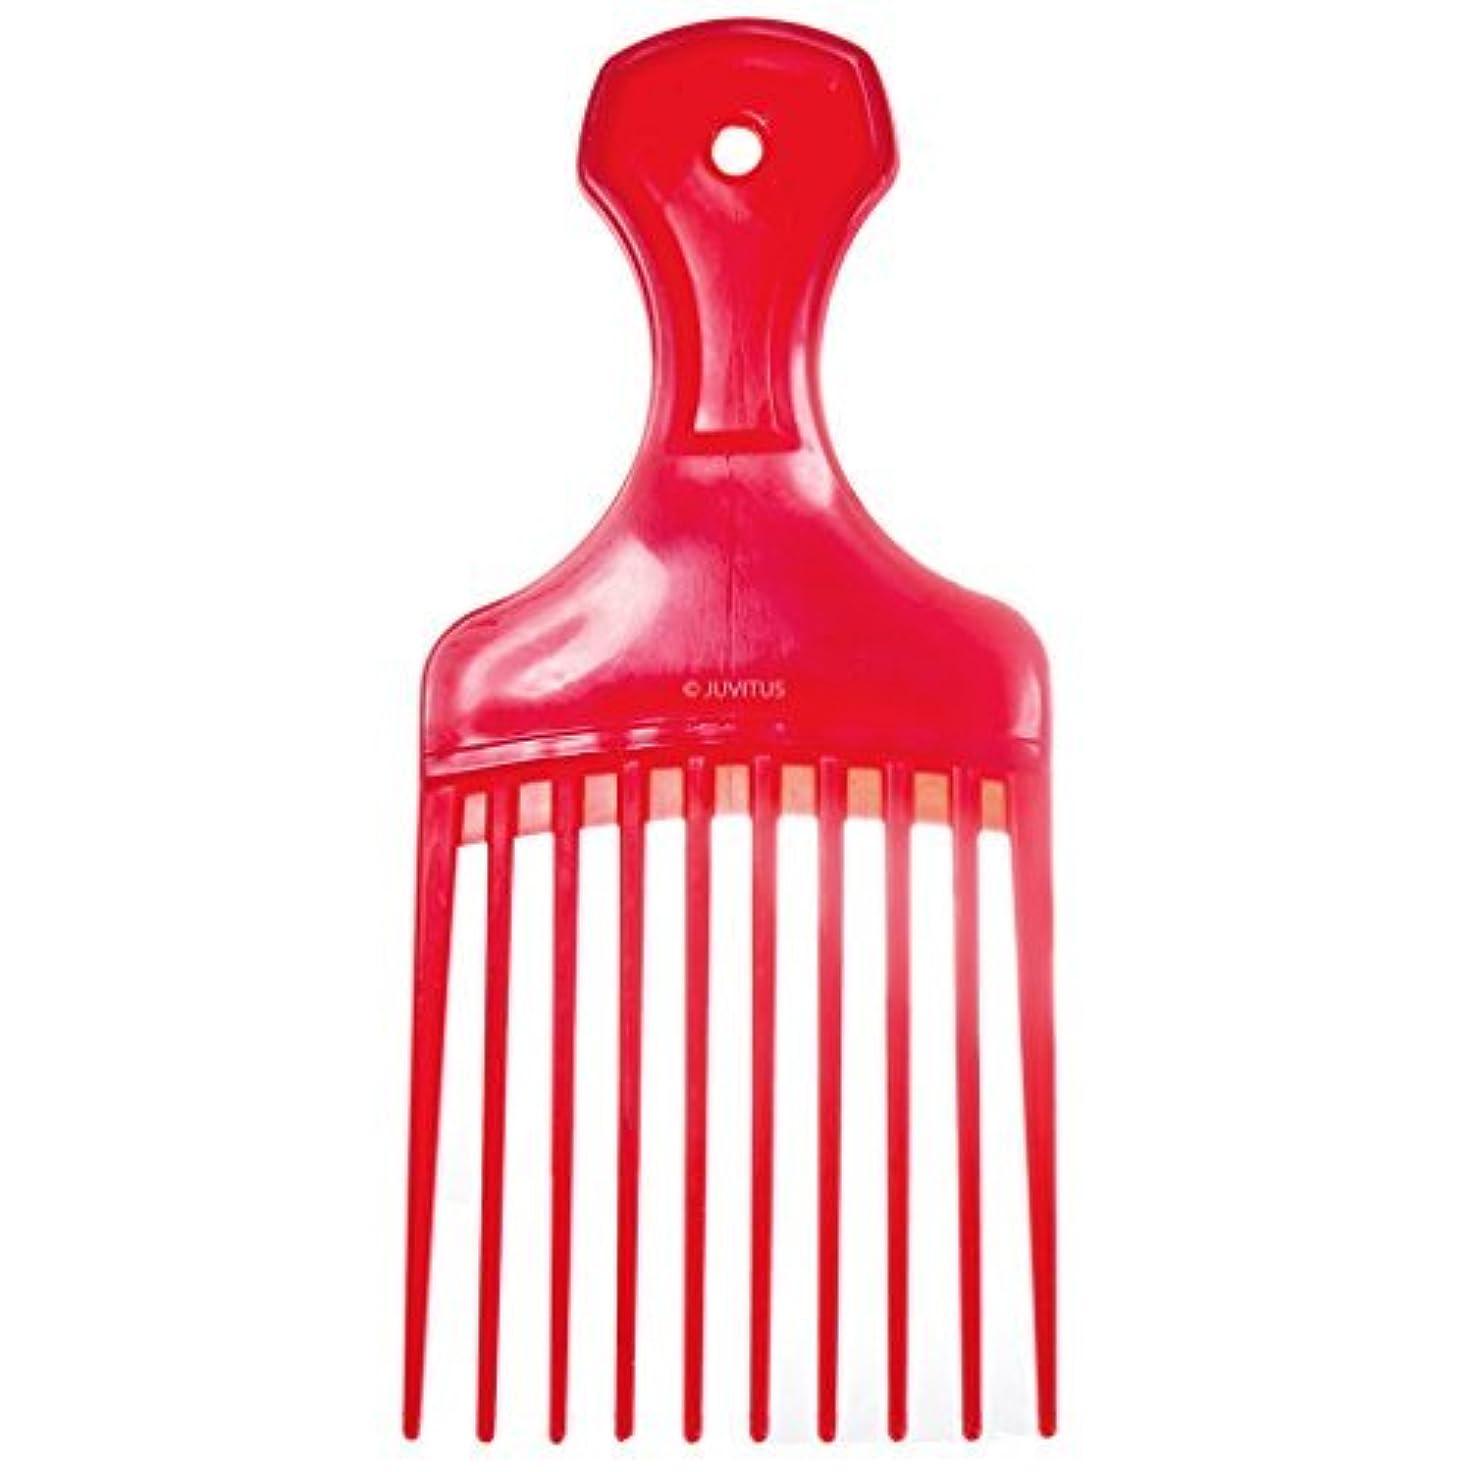 愛イブニング精通したPocket Pick Comb - Assorted Colors (Red) [並行輸入品]